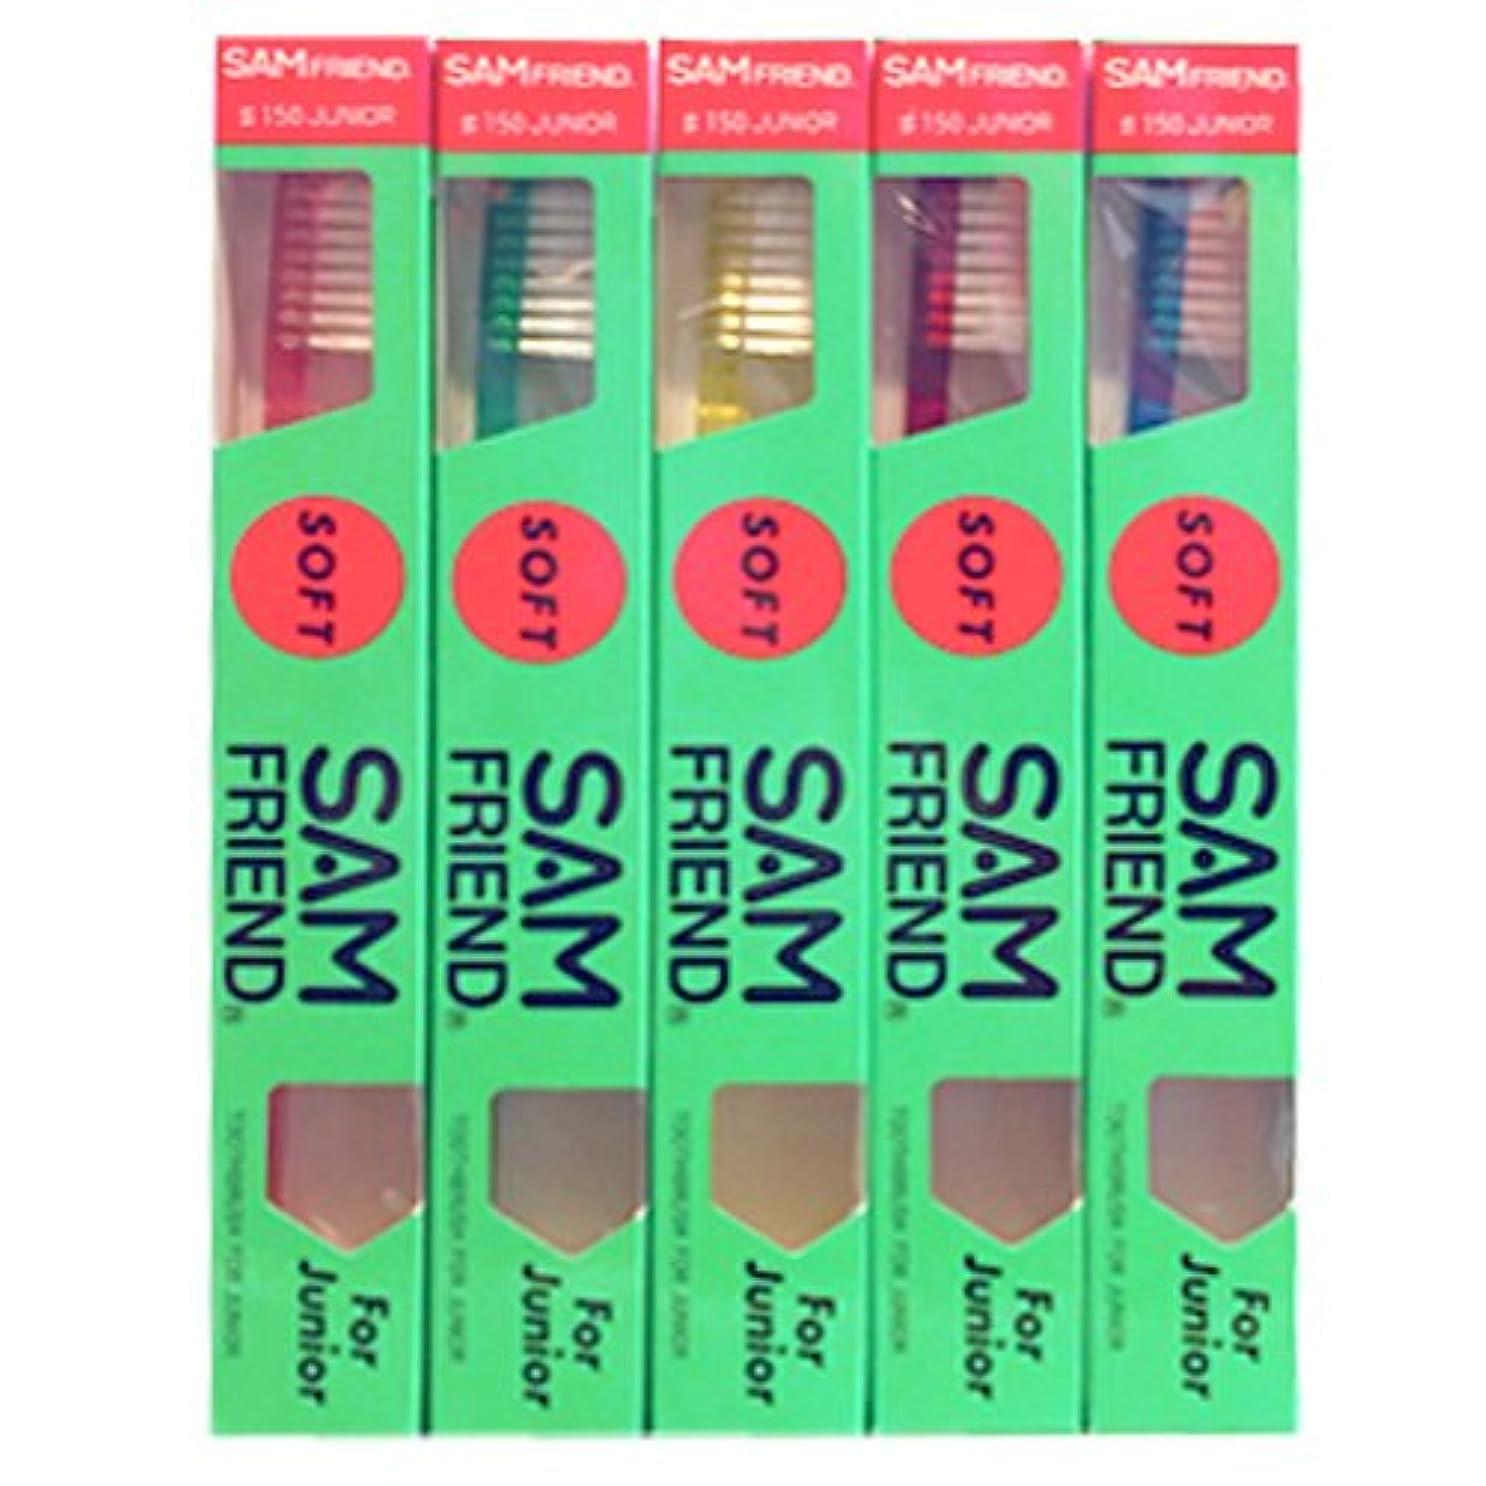 シンプルな例外繕うサムフレンド サムフレンド 歯ブラシ #150ジュニア 5色セット 6~12才用 歯並びが複雑で汚れやすい小さな口 ソフト